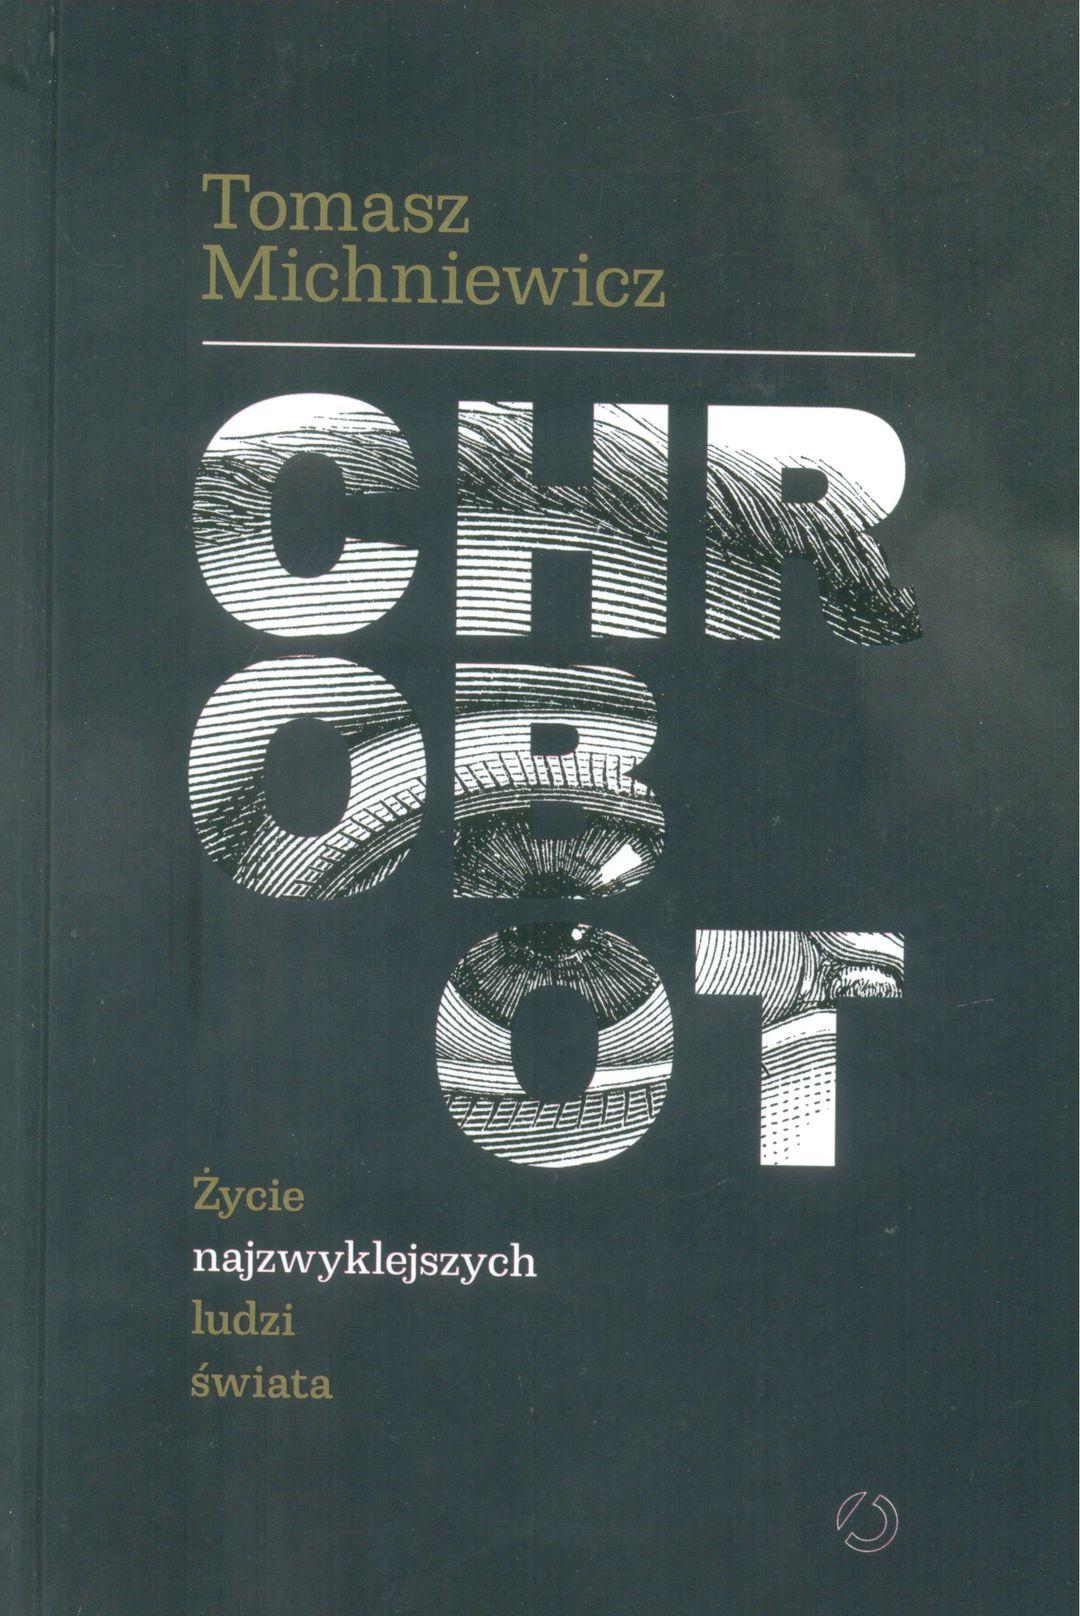 Michniewicz Tomasz – Chrobot